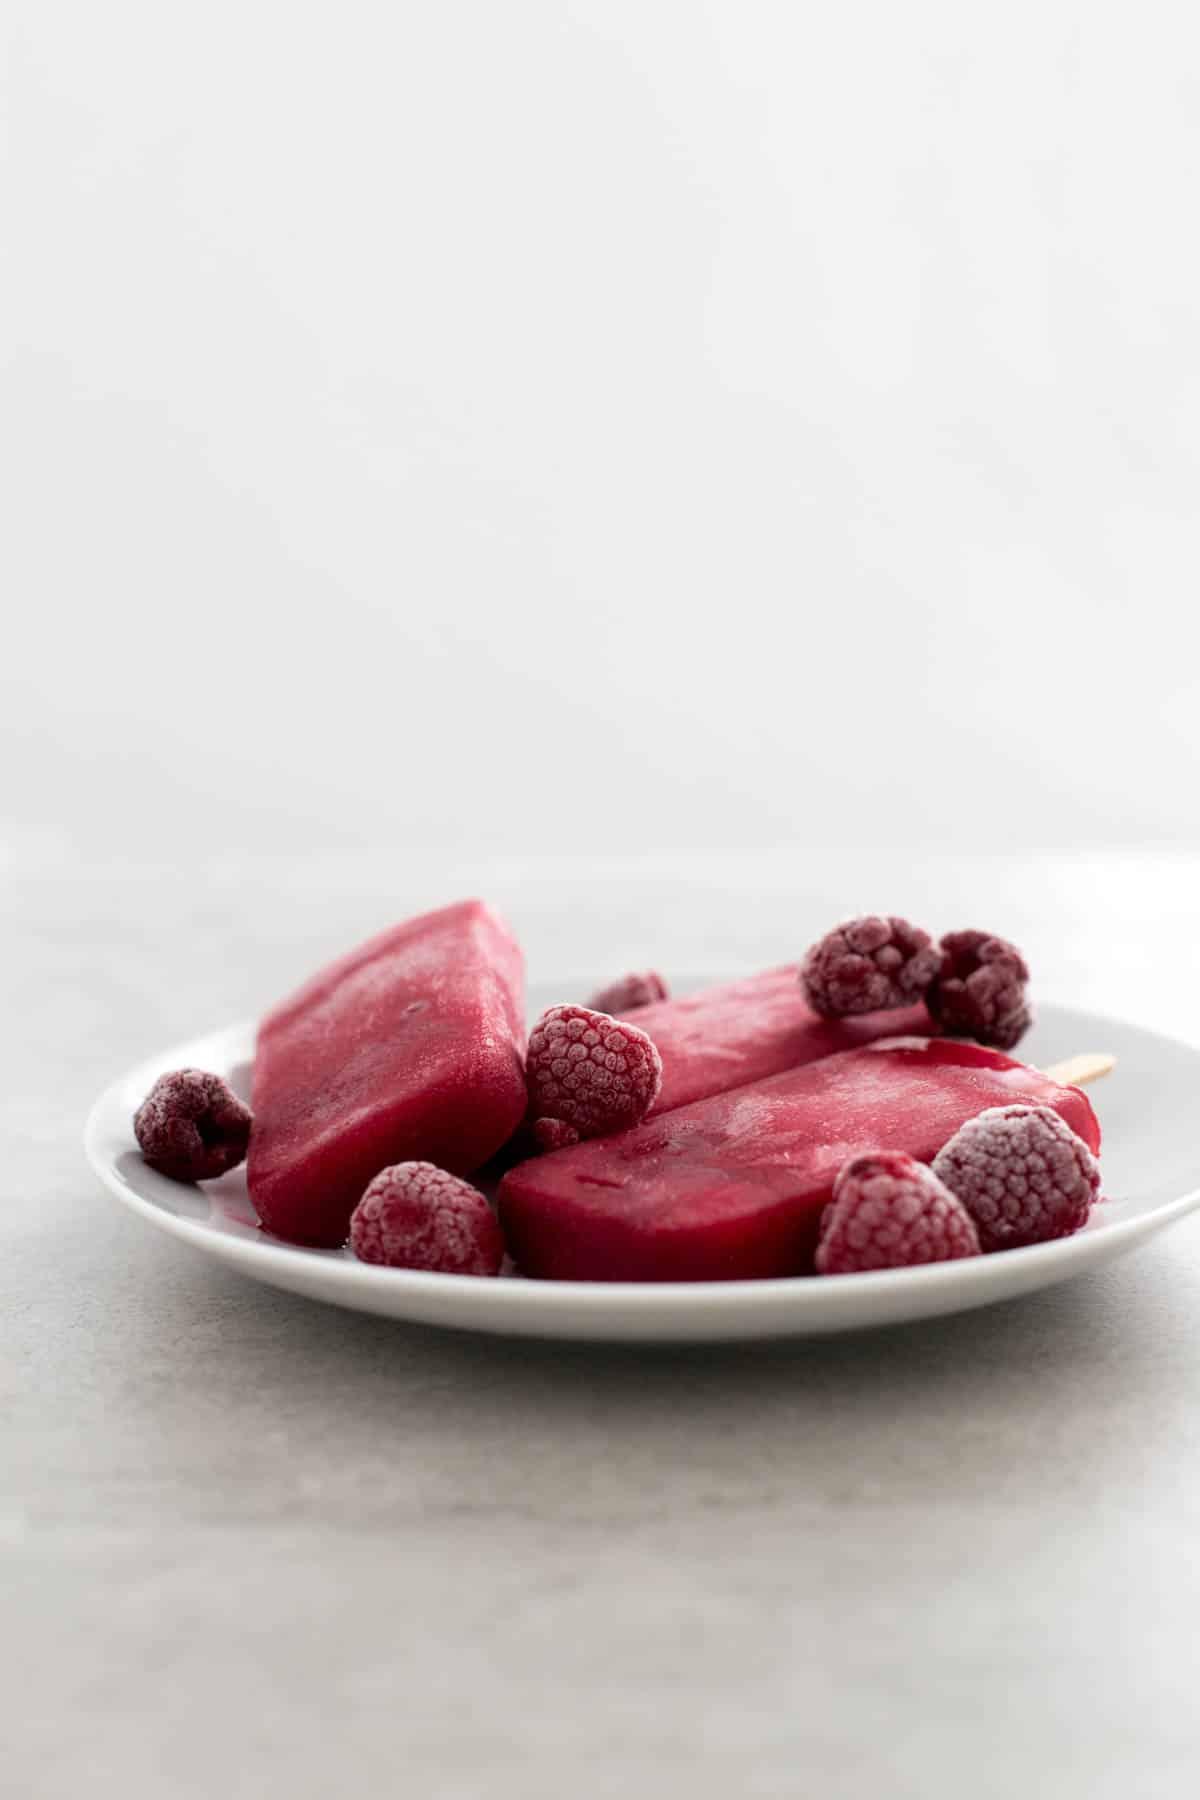 Polos de frambuesa - Estos polos de frambuesa están para chuparse los dedos. Son muy saludables, fáciles de preparar y sólo se necesitan 3 ingredientes.